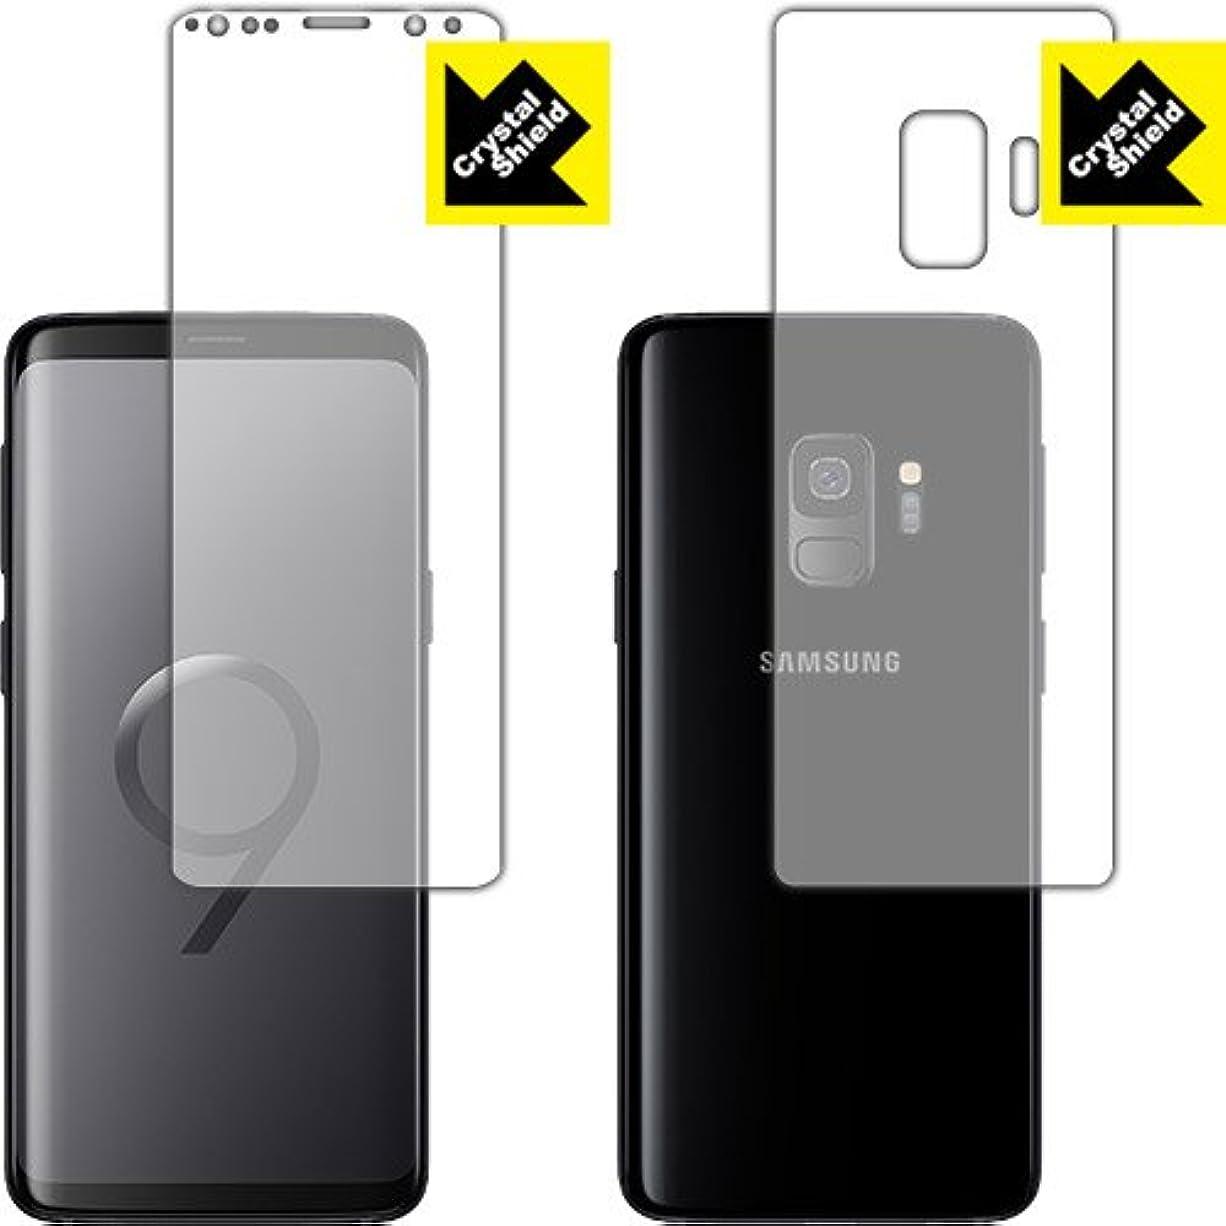 解釈季節言及する防気泡 フッ素防汚コート 光沢保護フィルム Crystal Shield Galaxy S9 両面セット 日本製